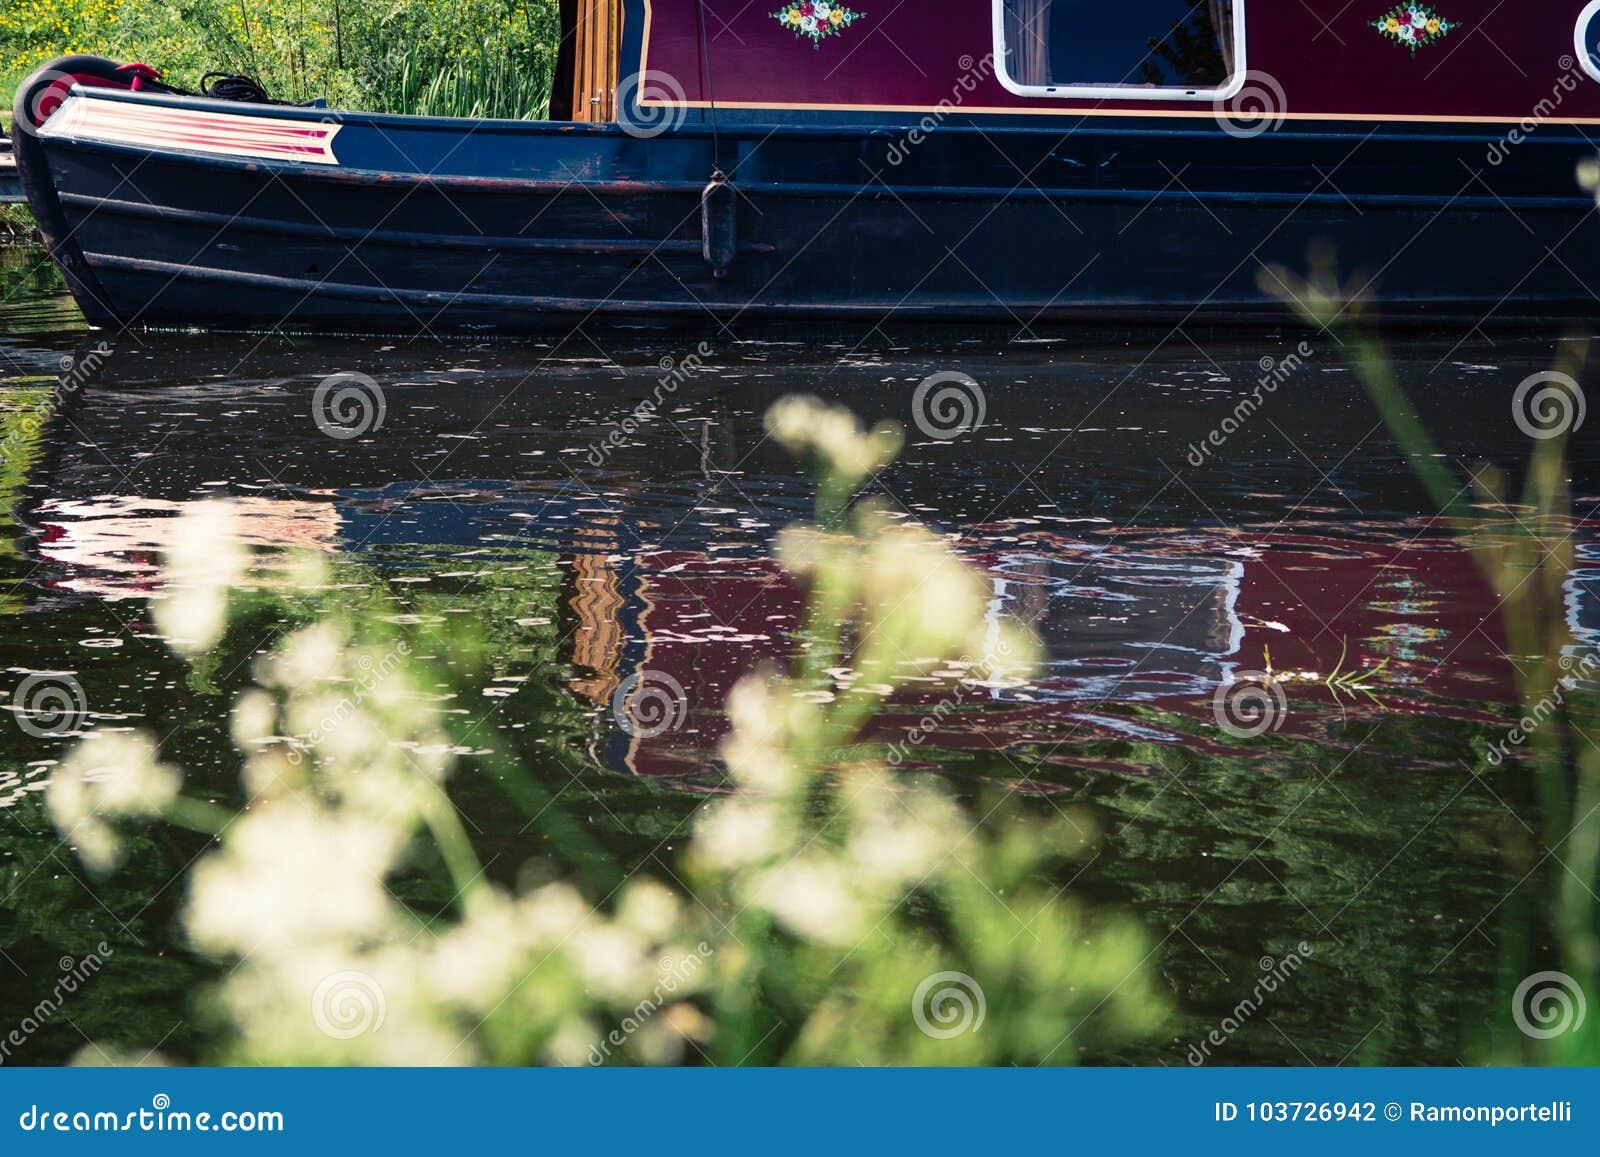 Vastgelegd kanaalschip in een rivier in Schotland, het Verenigd Koninkrijk met zo